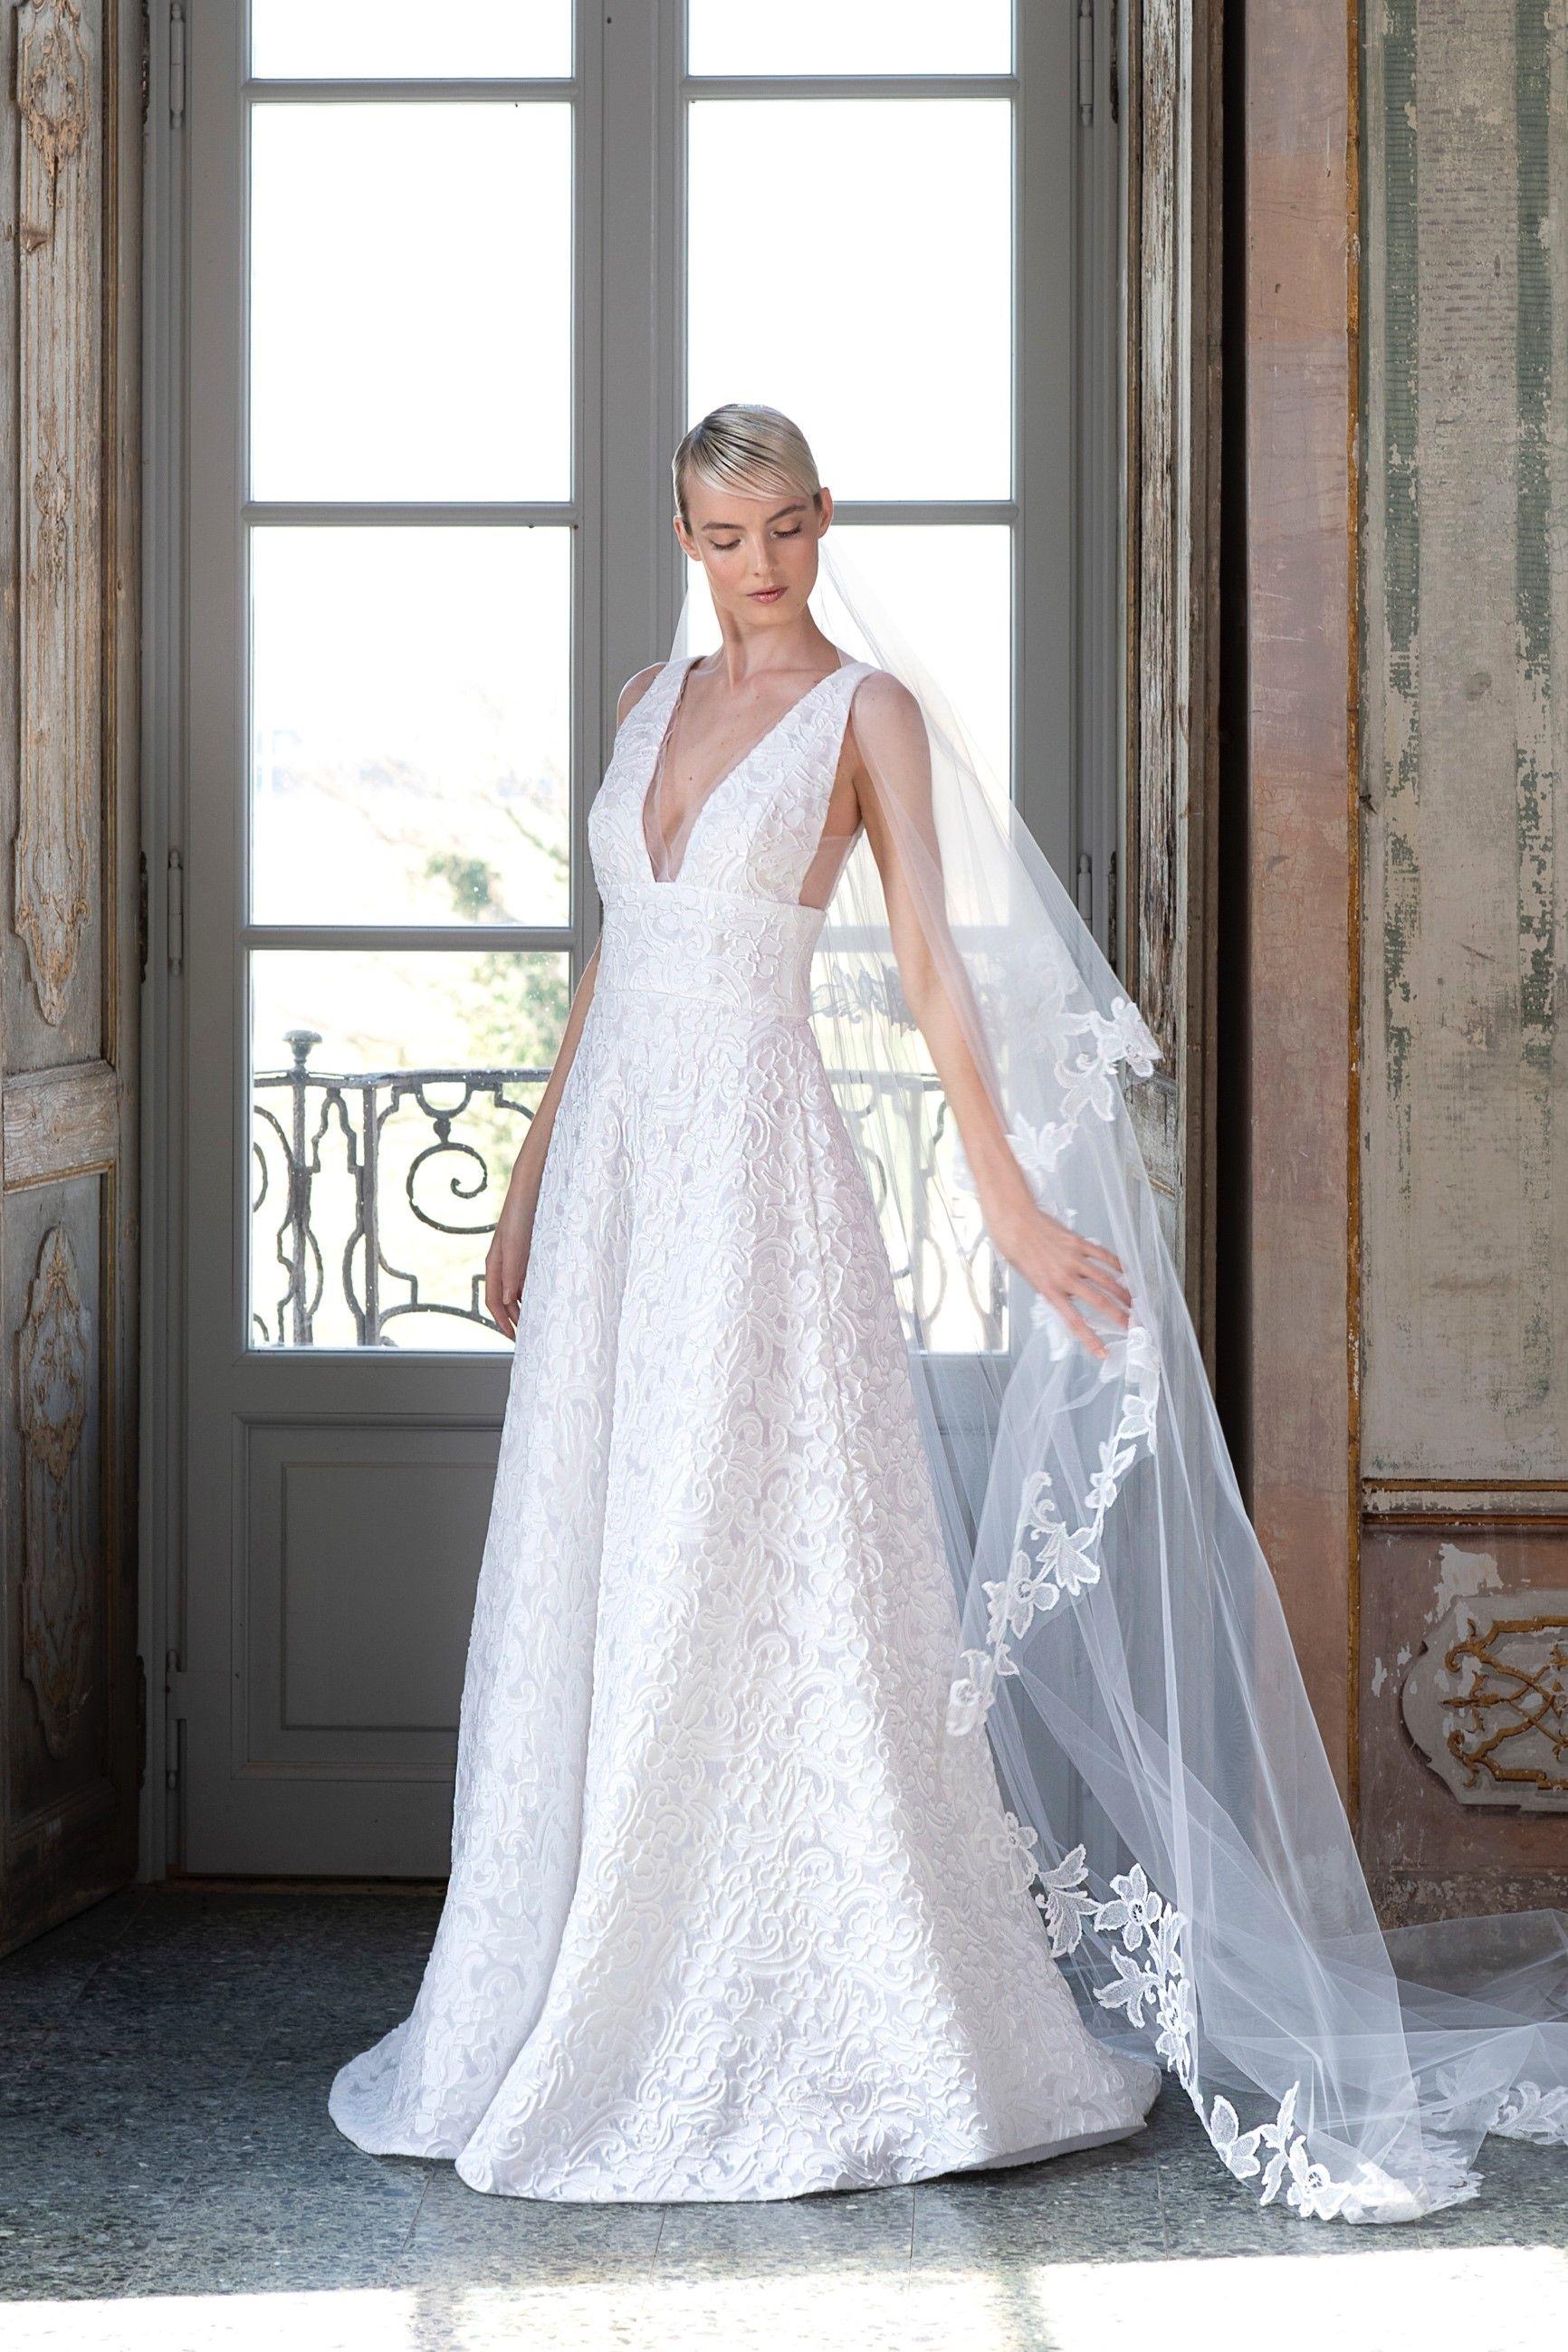 Abiti Da Sposa Quinzano Doglio.Peter Langner Dancing With Beauty 2020 Bridal Campaign Style